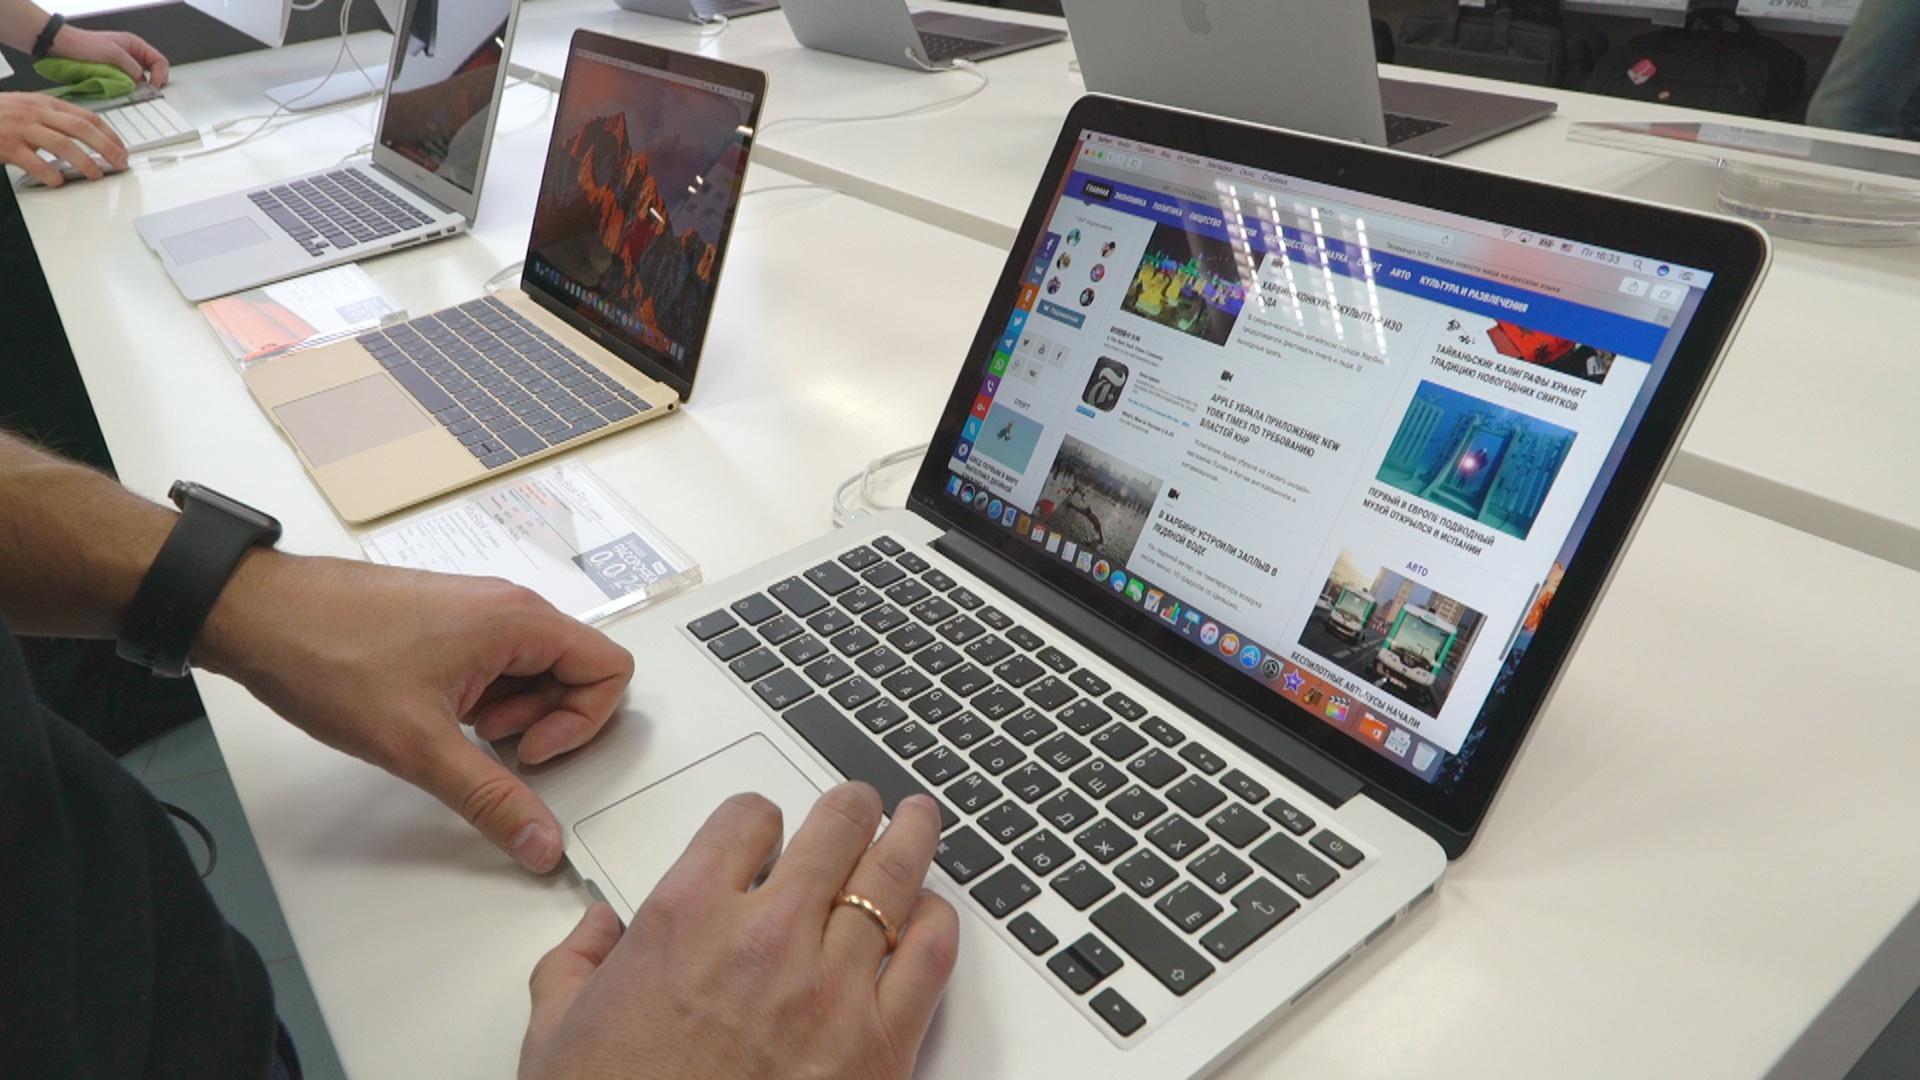 «Киберпонедельник»: чего ждать от онлайн-распродаж в России